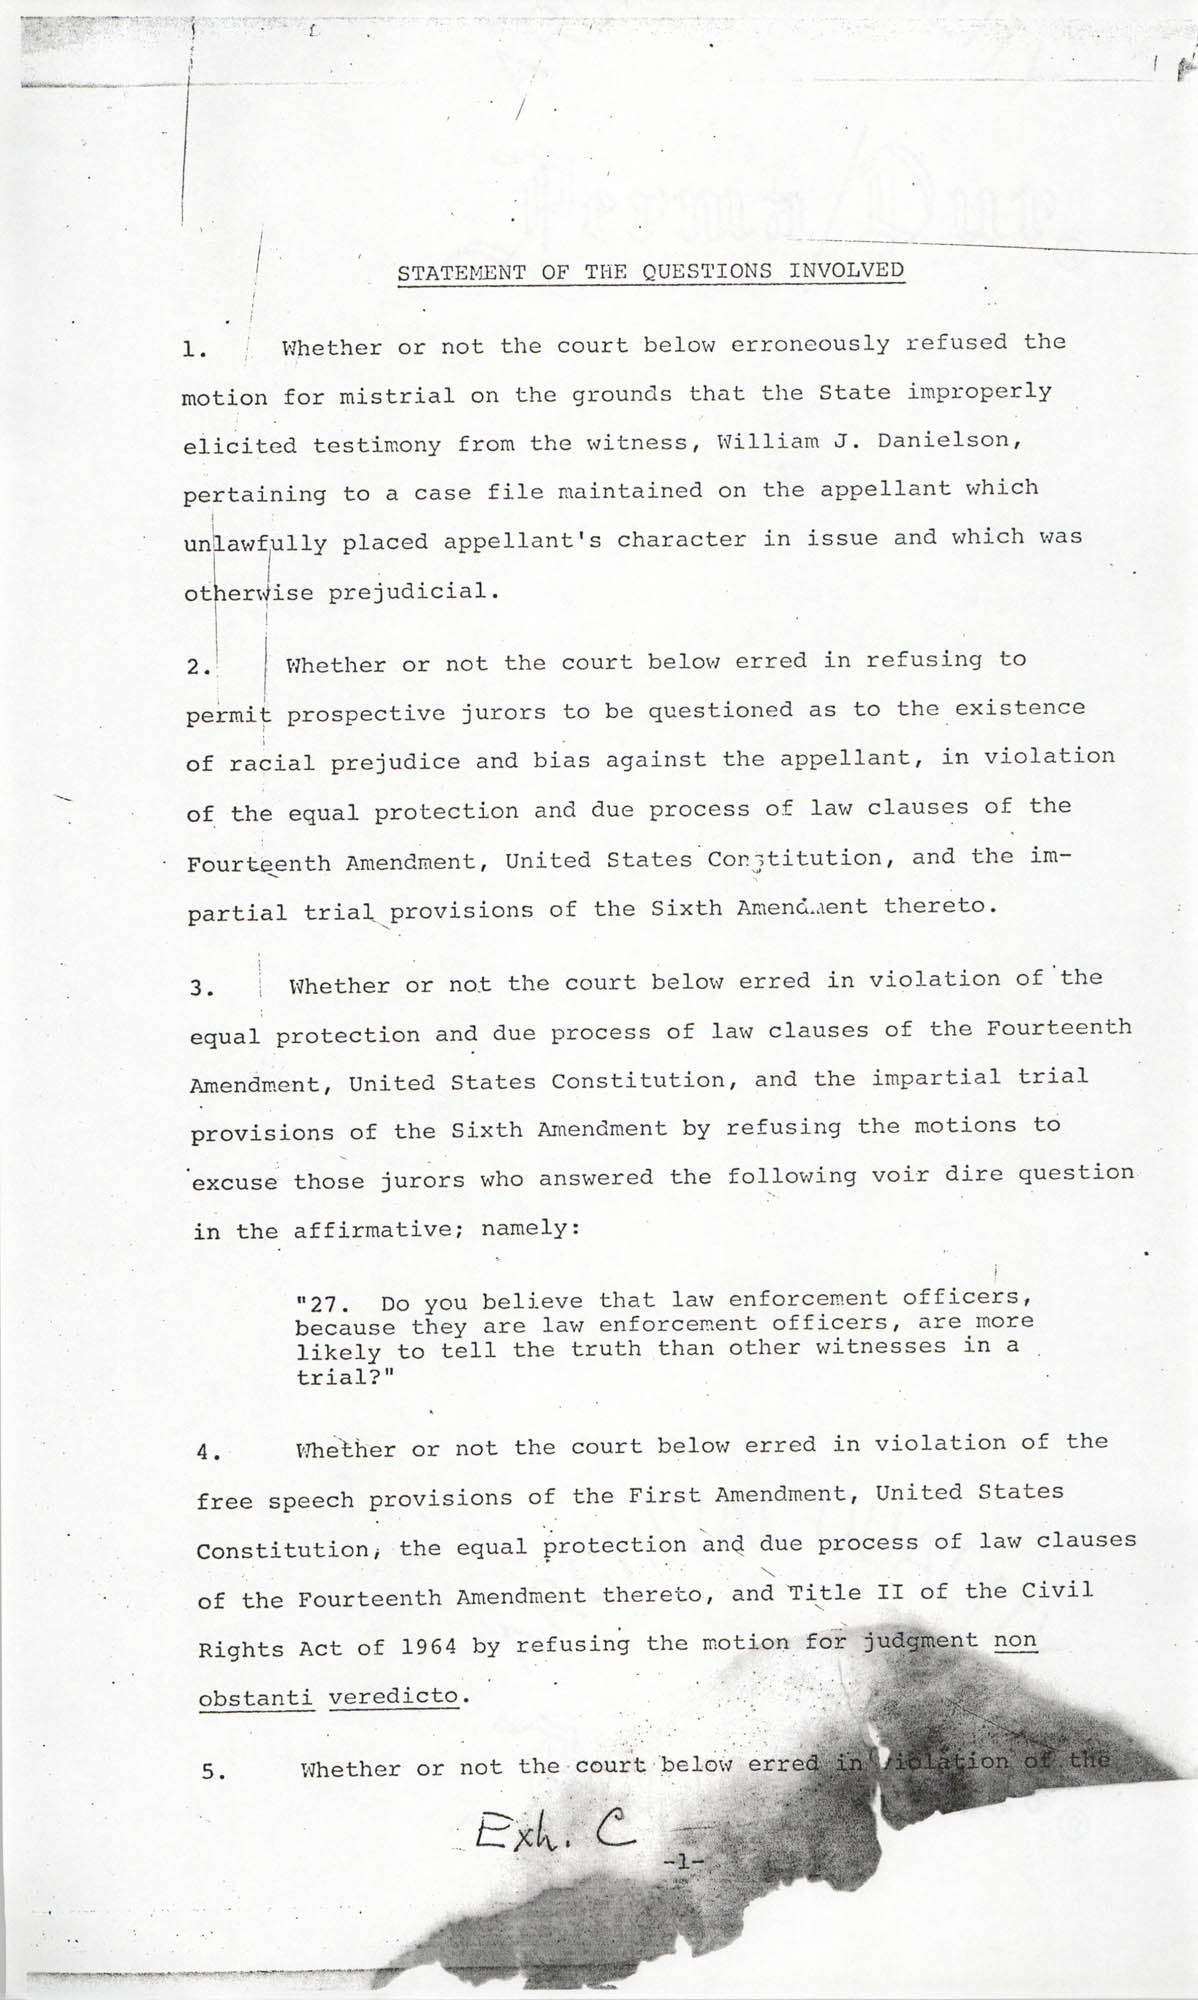 Cleveland Louis Sellers, Petitioner, v. Sheriff of Orangeburg, et al., Civil Action No. 73-84, Appendix Page 1